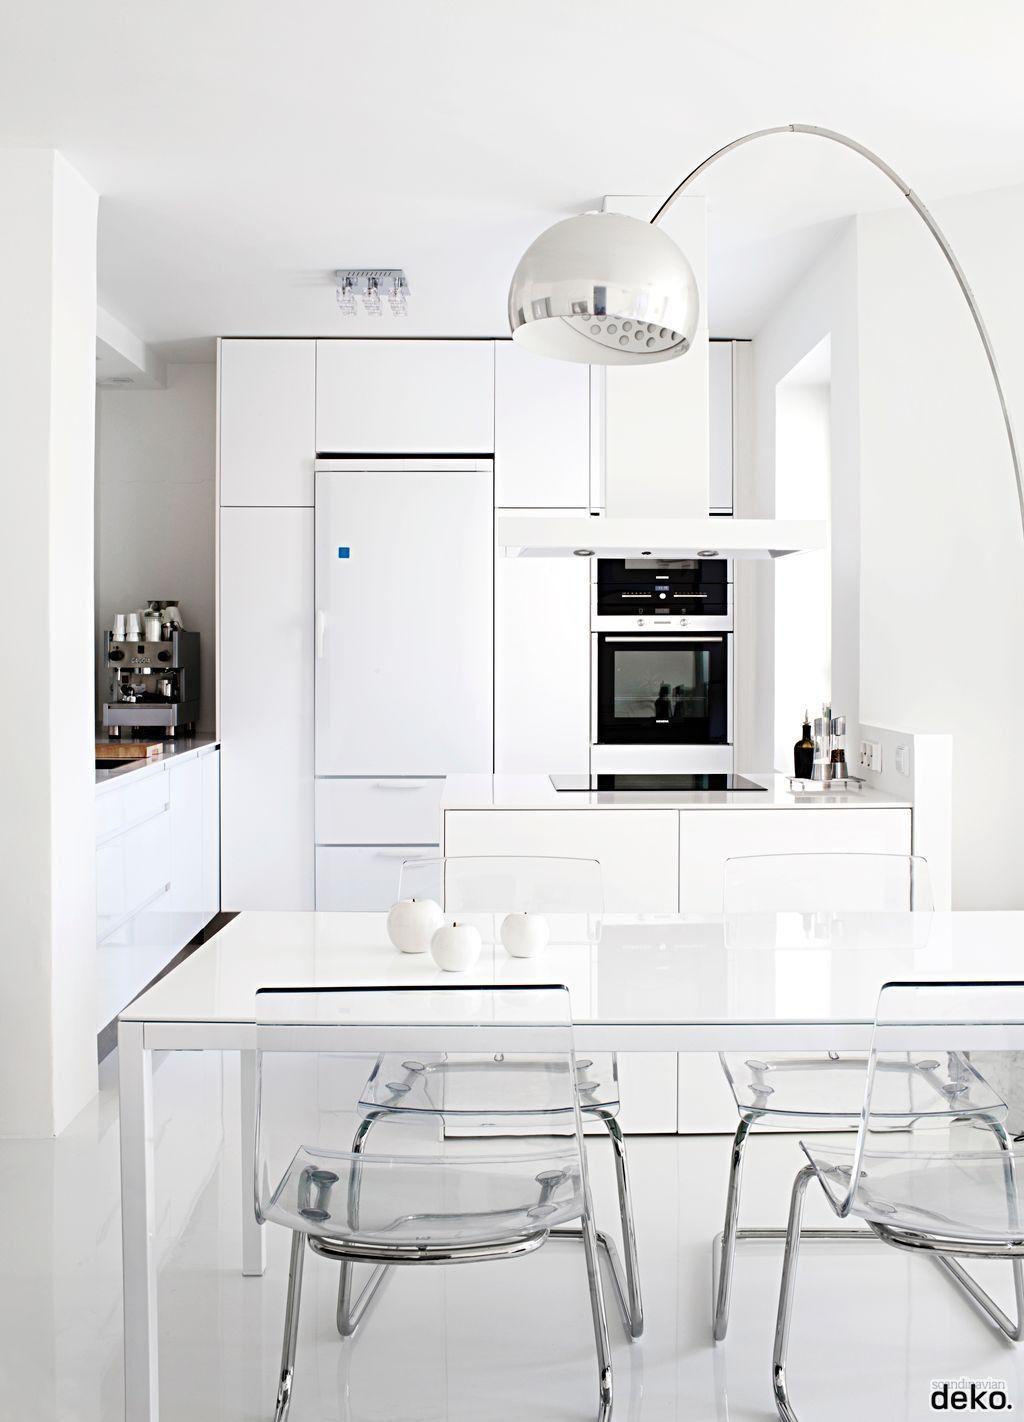 Kitchen, ideas, diy, house, indoor, organization, home, design, cook ...